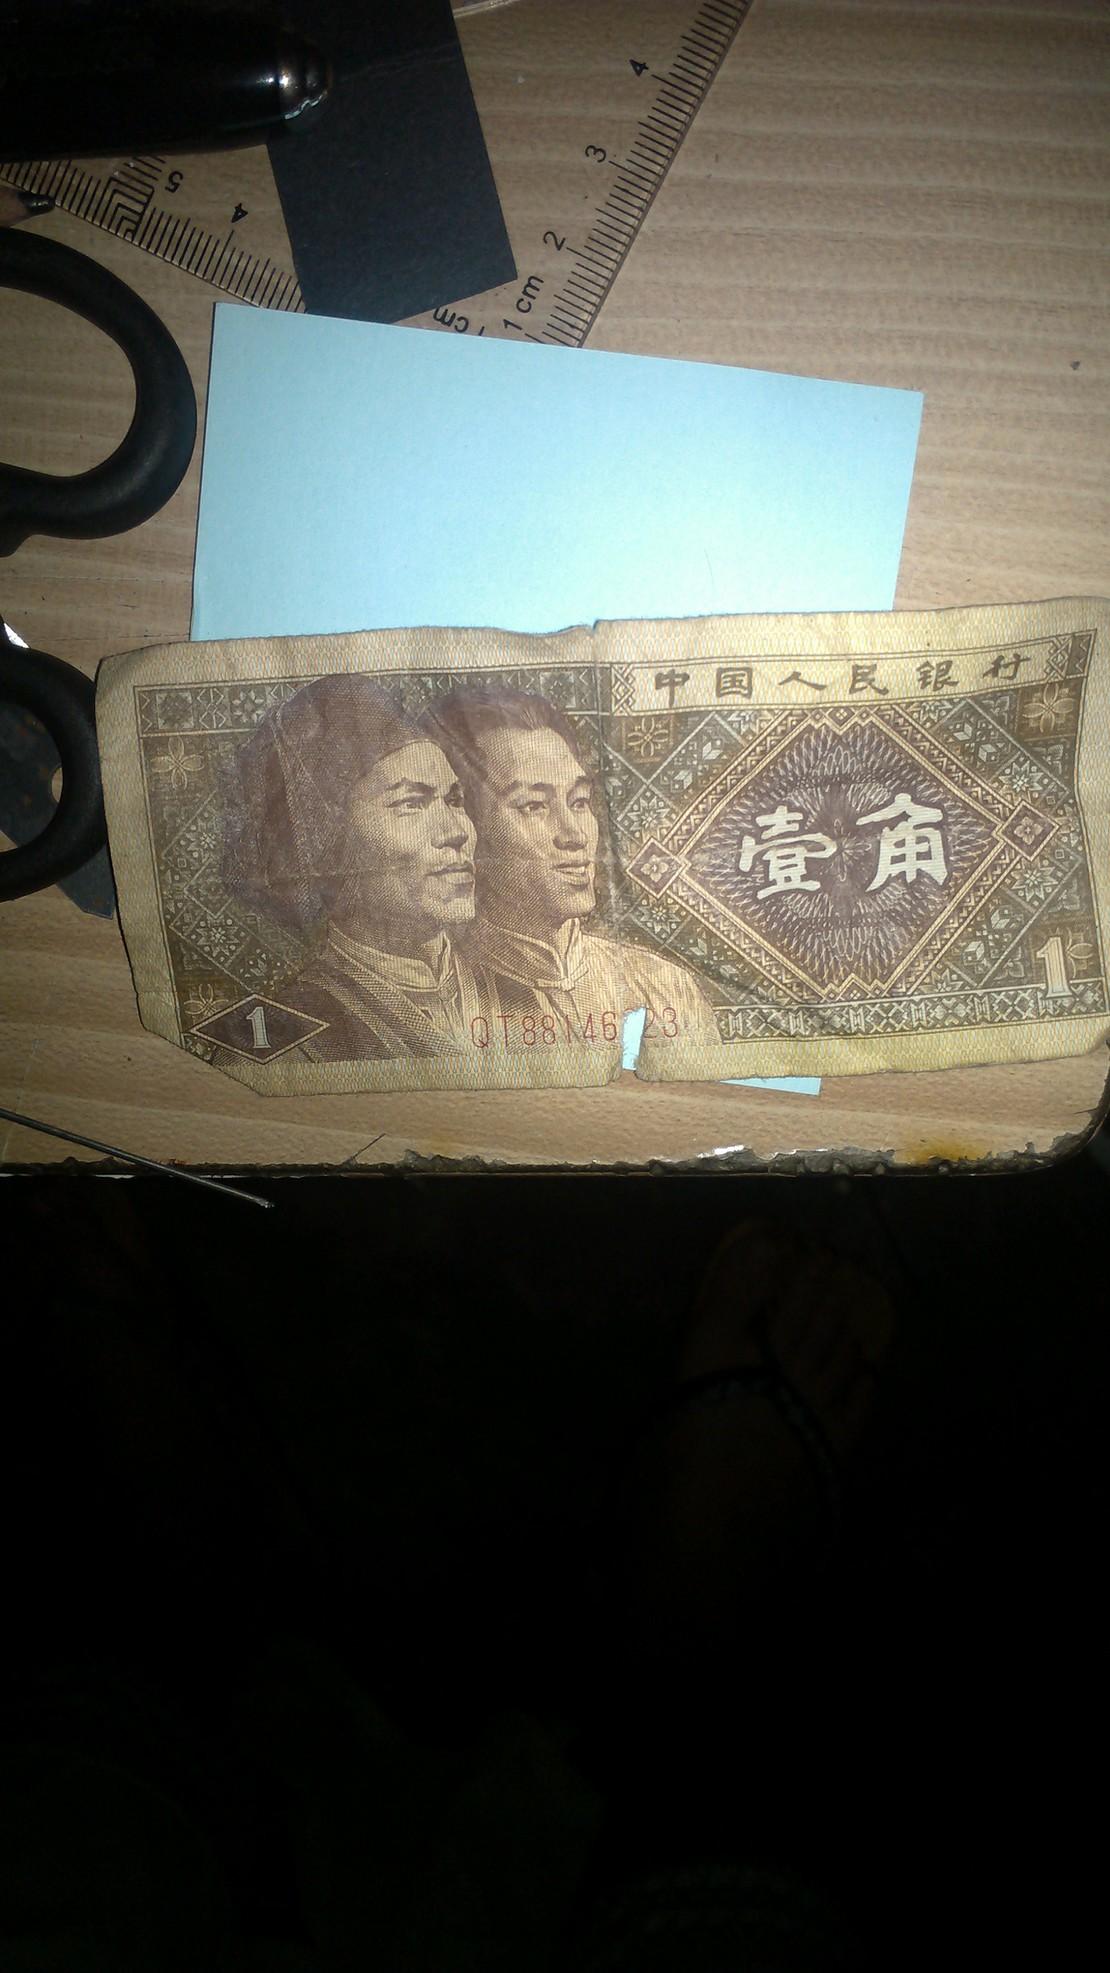 刚看到一个说人民币上有几个人就够几个人花的。尼玛这是什么意思……??